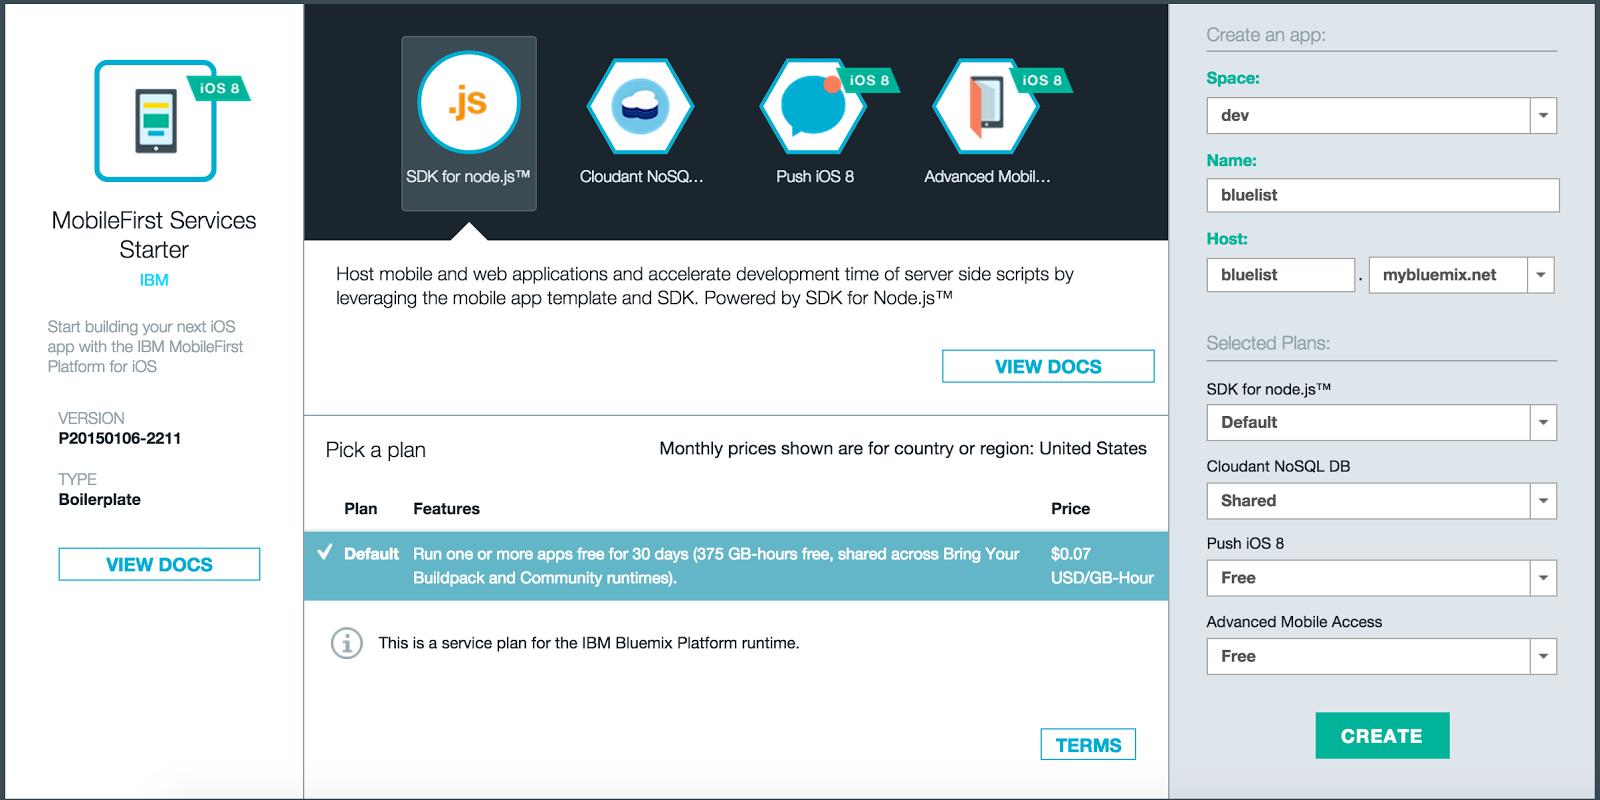 Bluemix Updates: IBM MobileFirst Services Starter